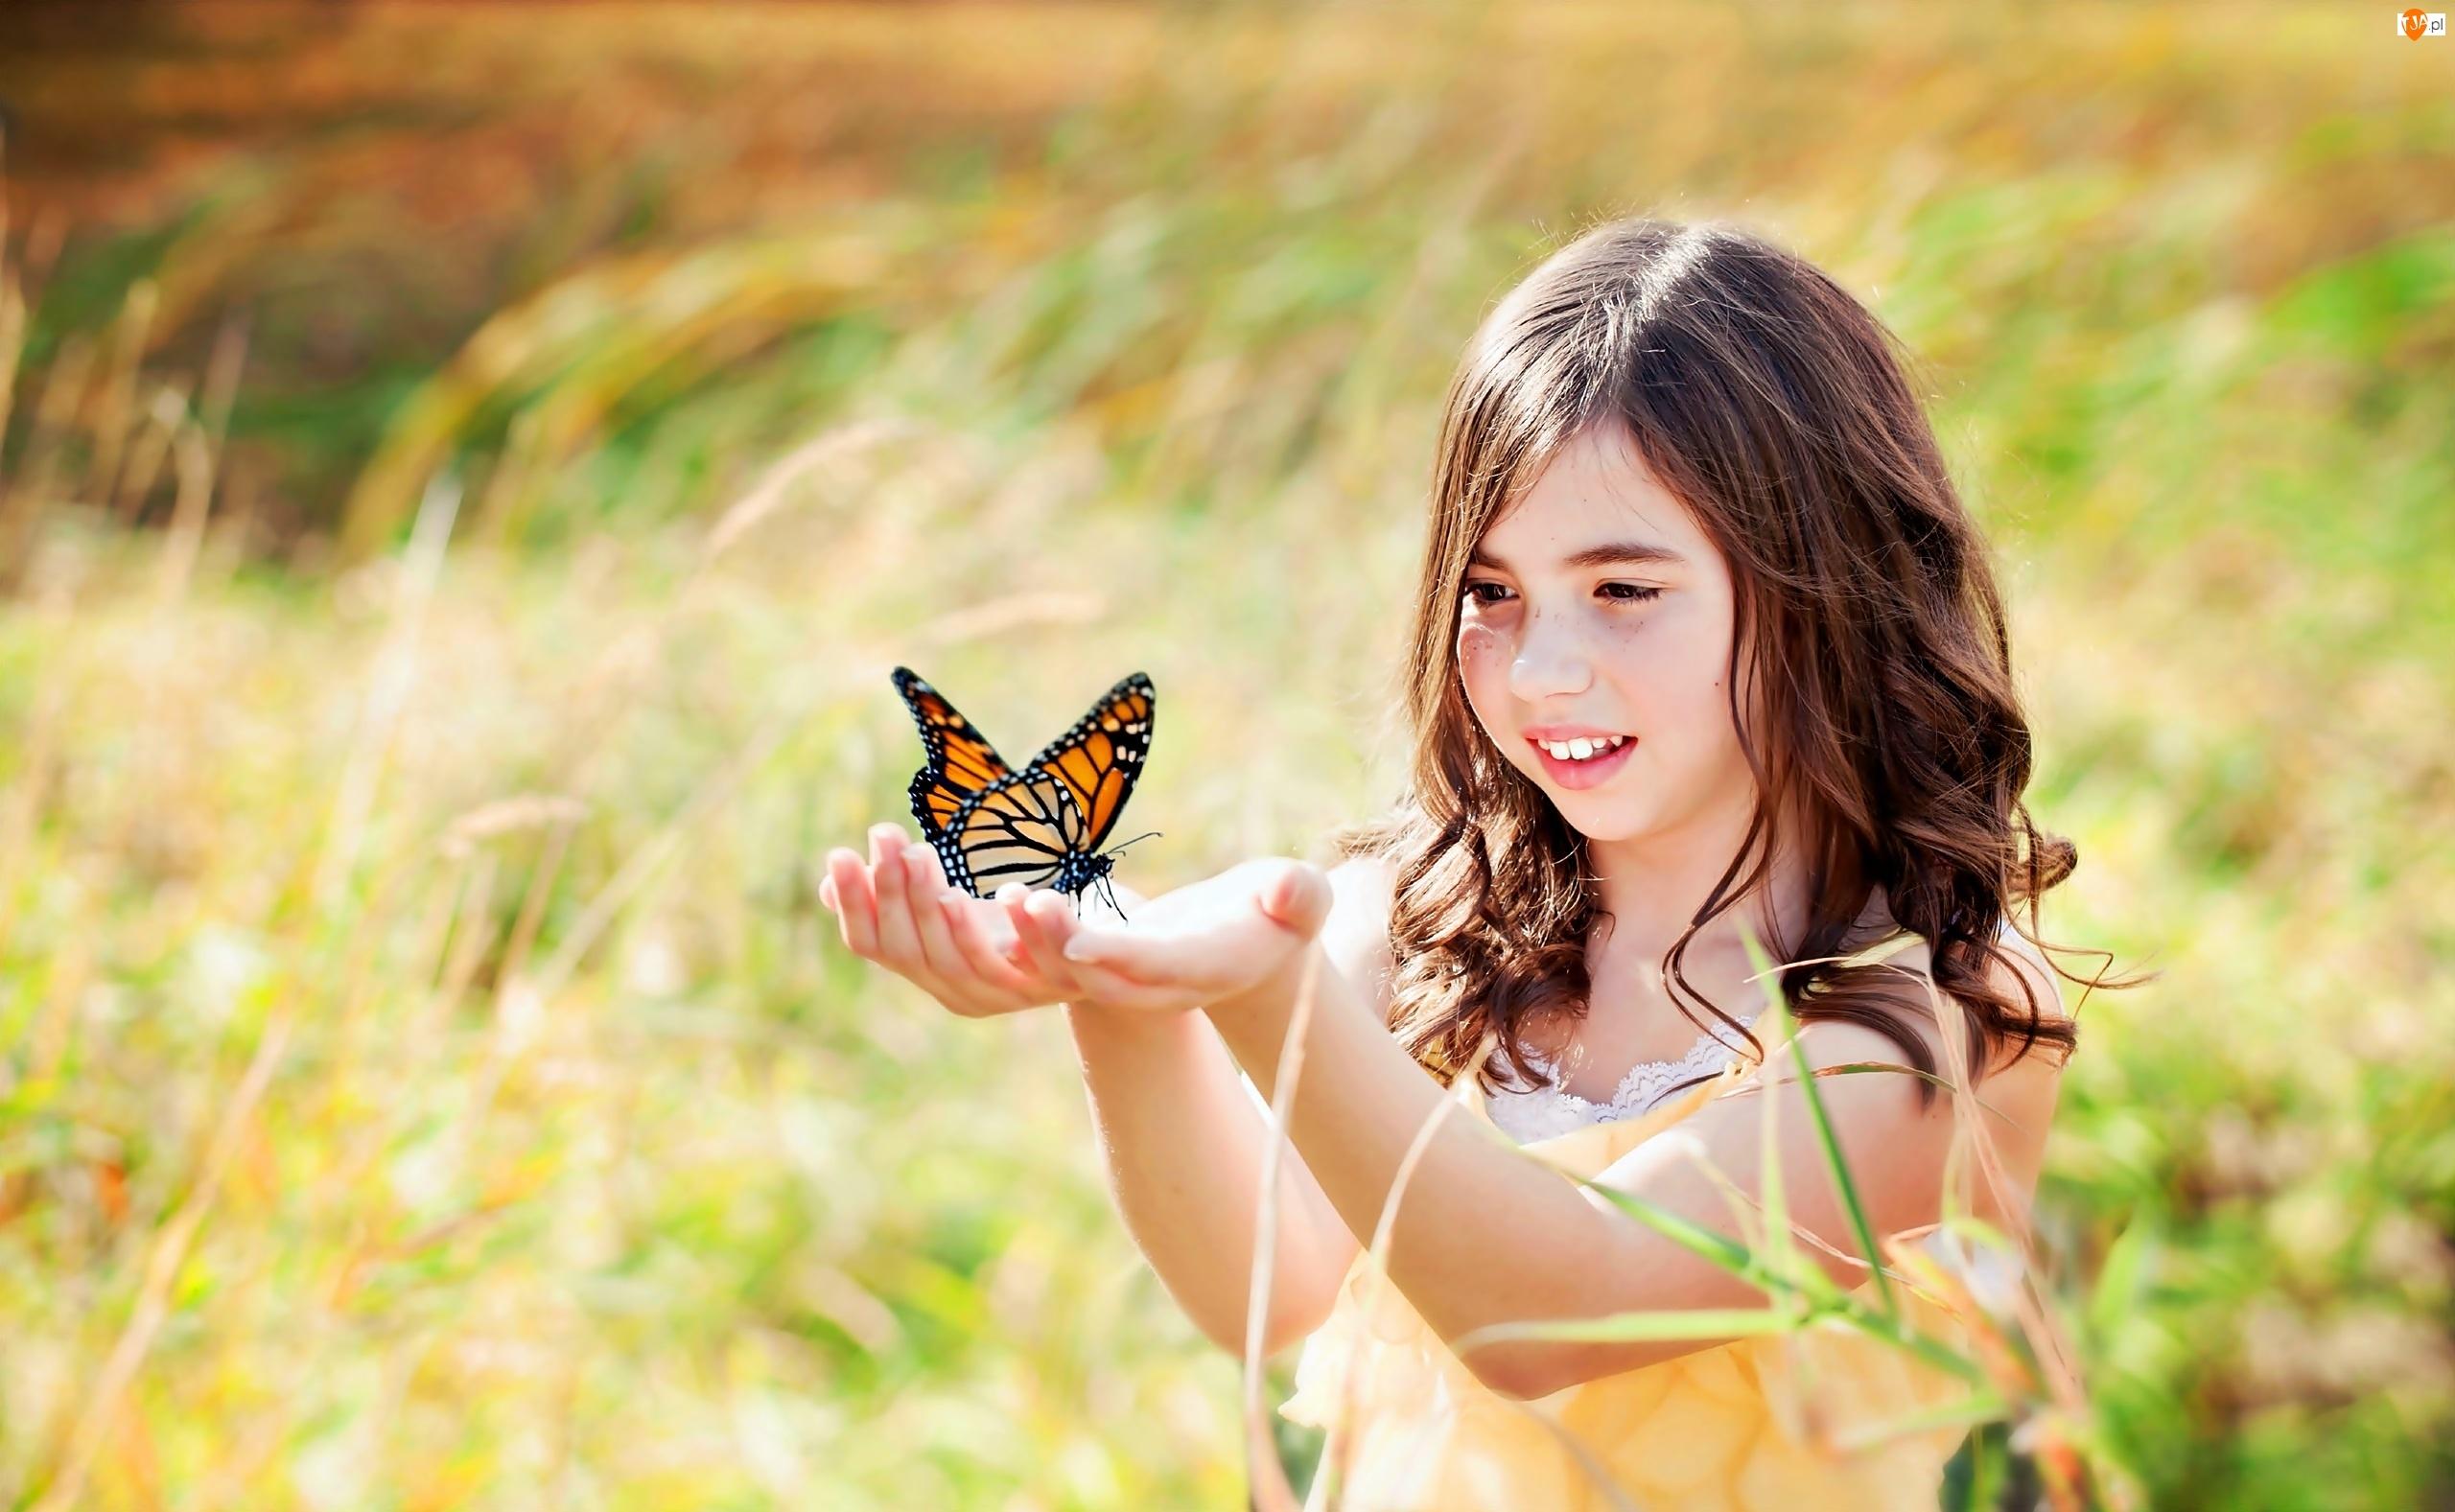 Lato, Łąka, Dziewczynka, Motyl